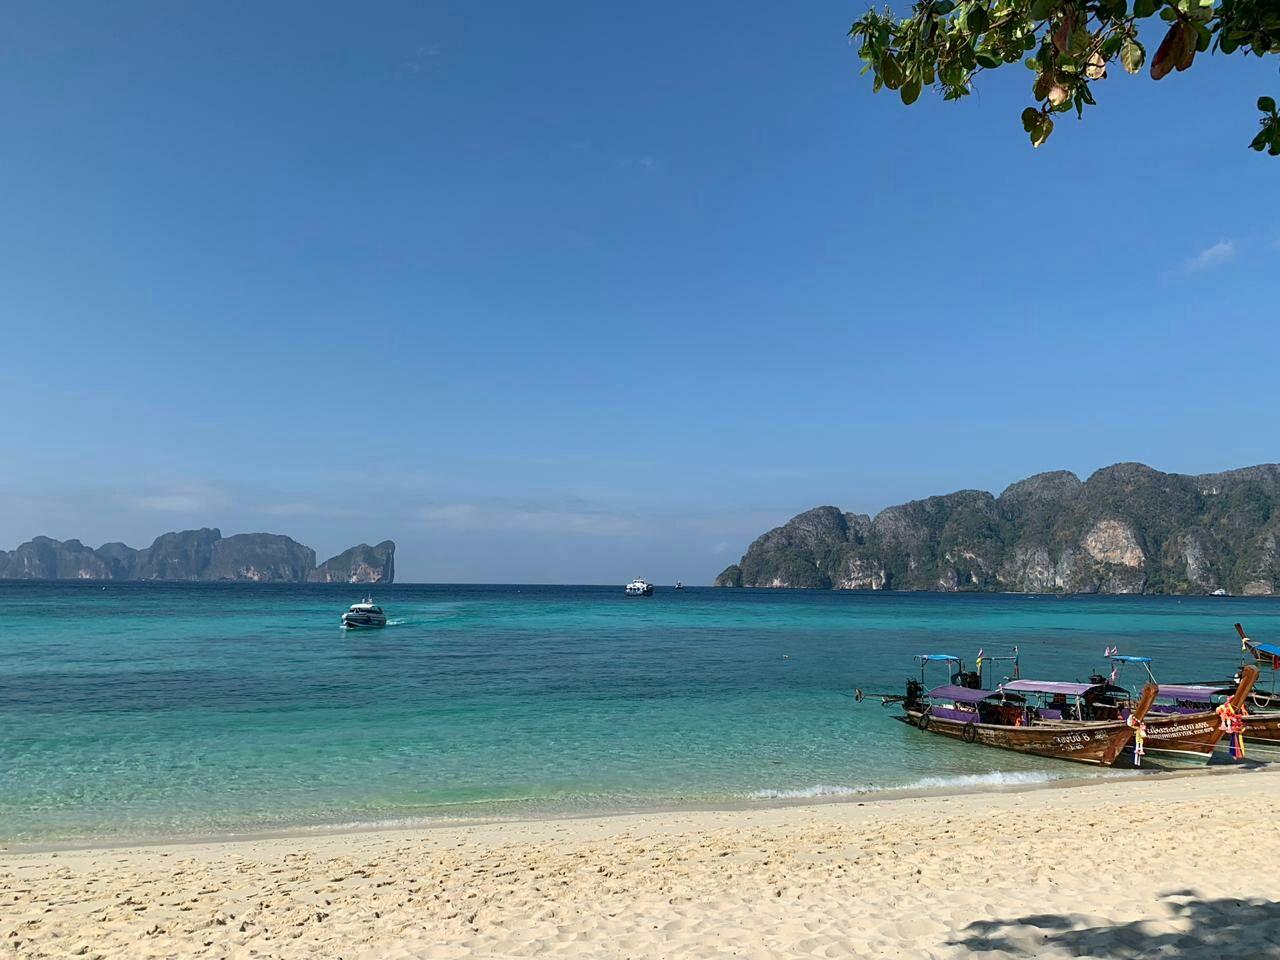 Photo of Thailand By Sanghamitra Bora